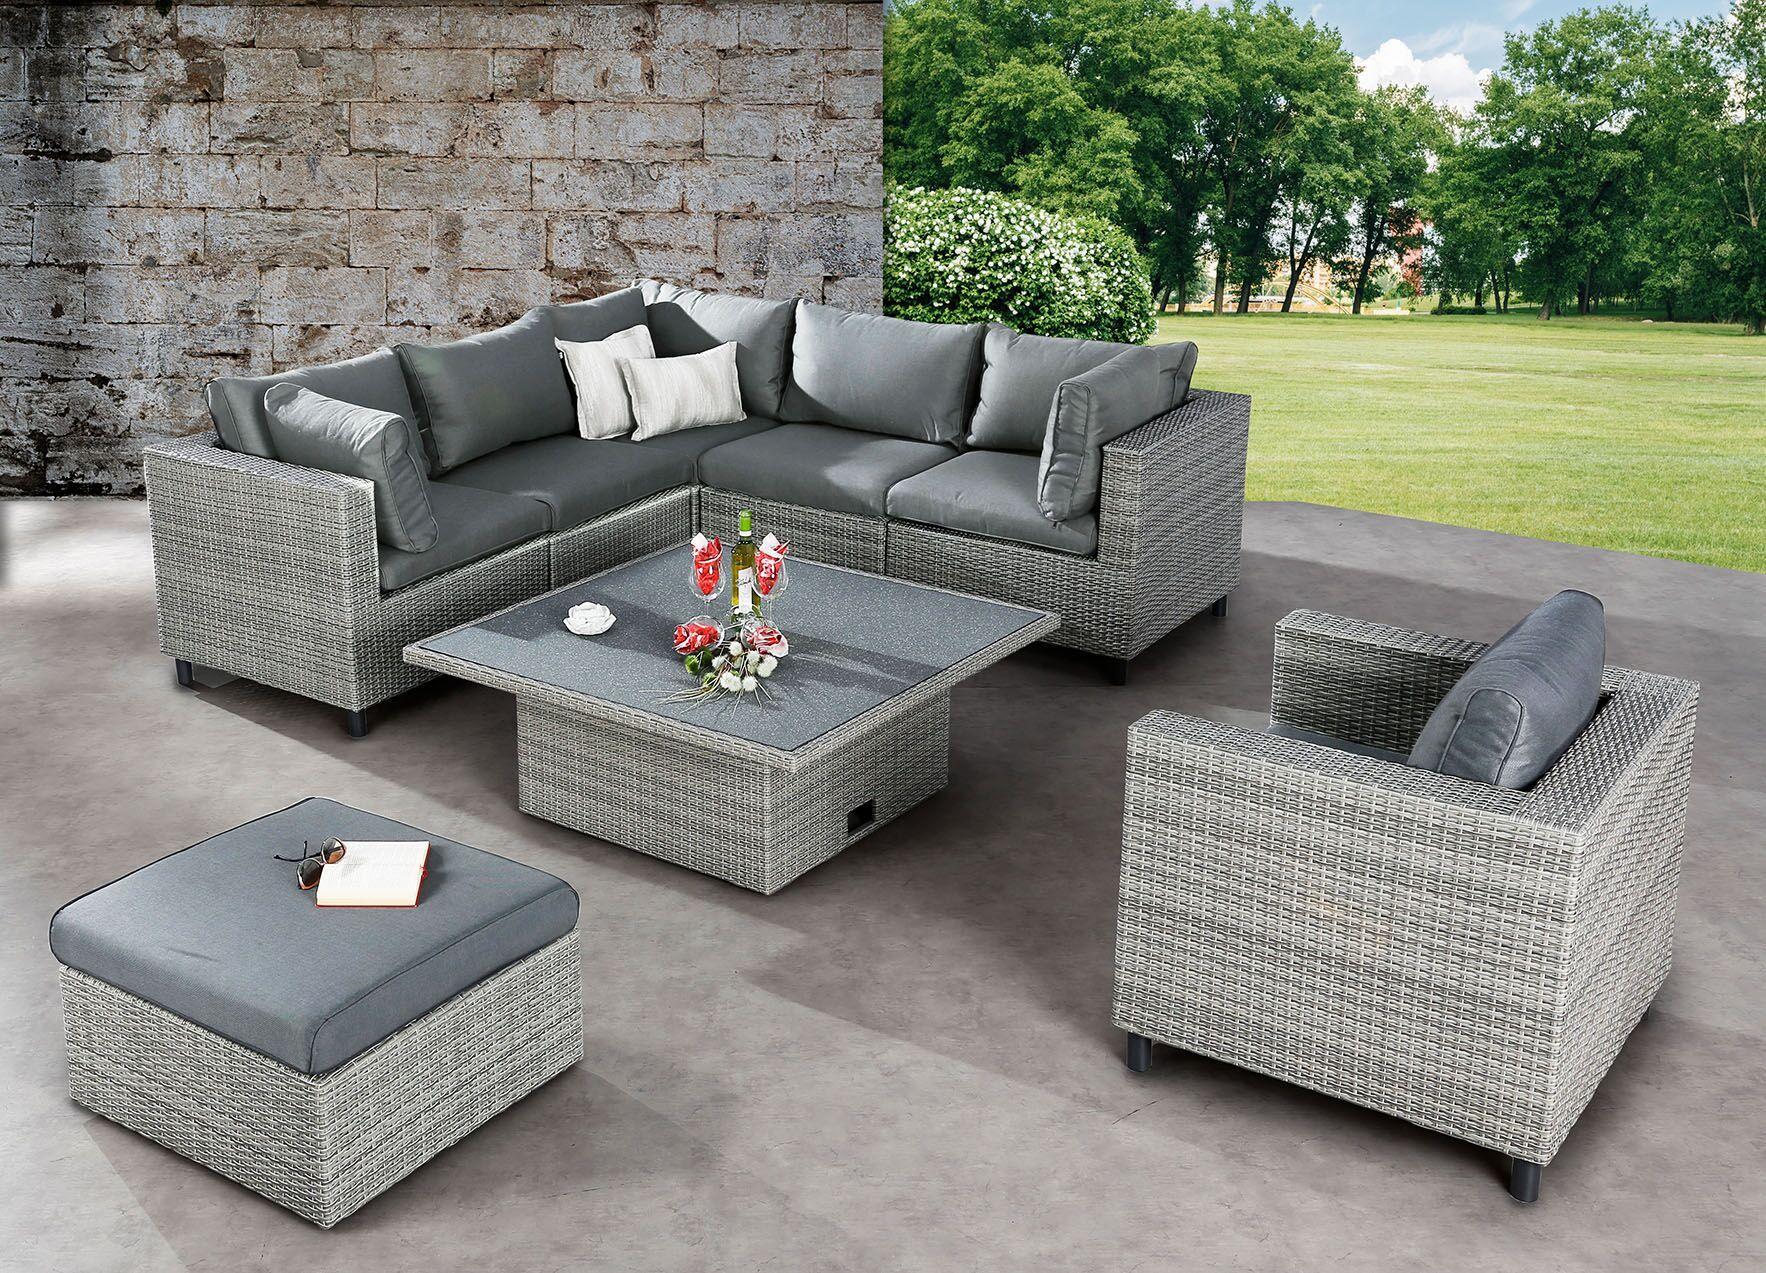 21+ Garten sofa fuer esstisch Sammlung